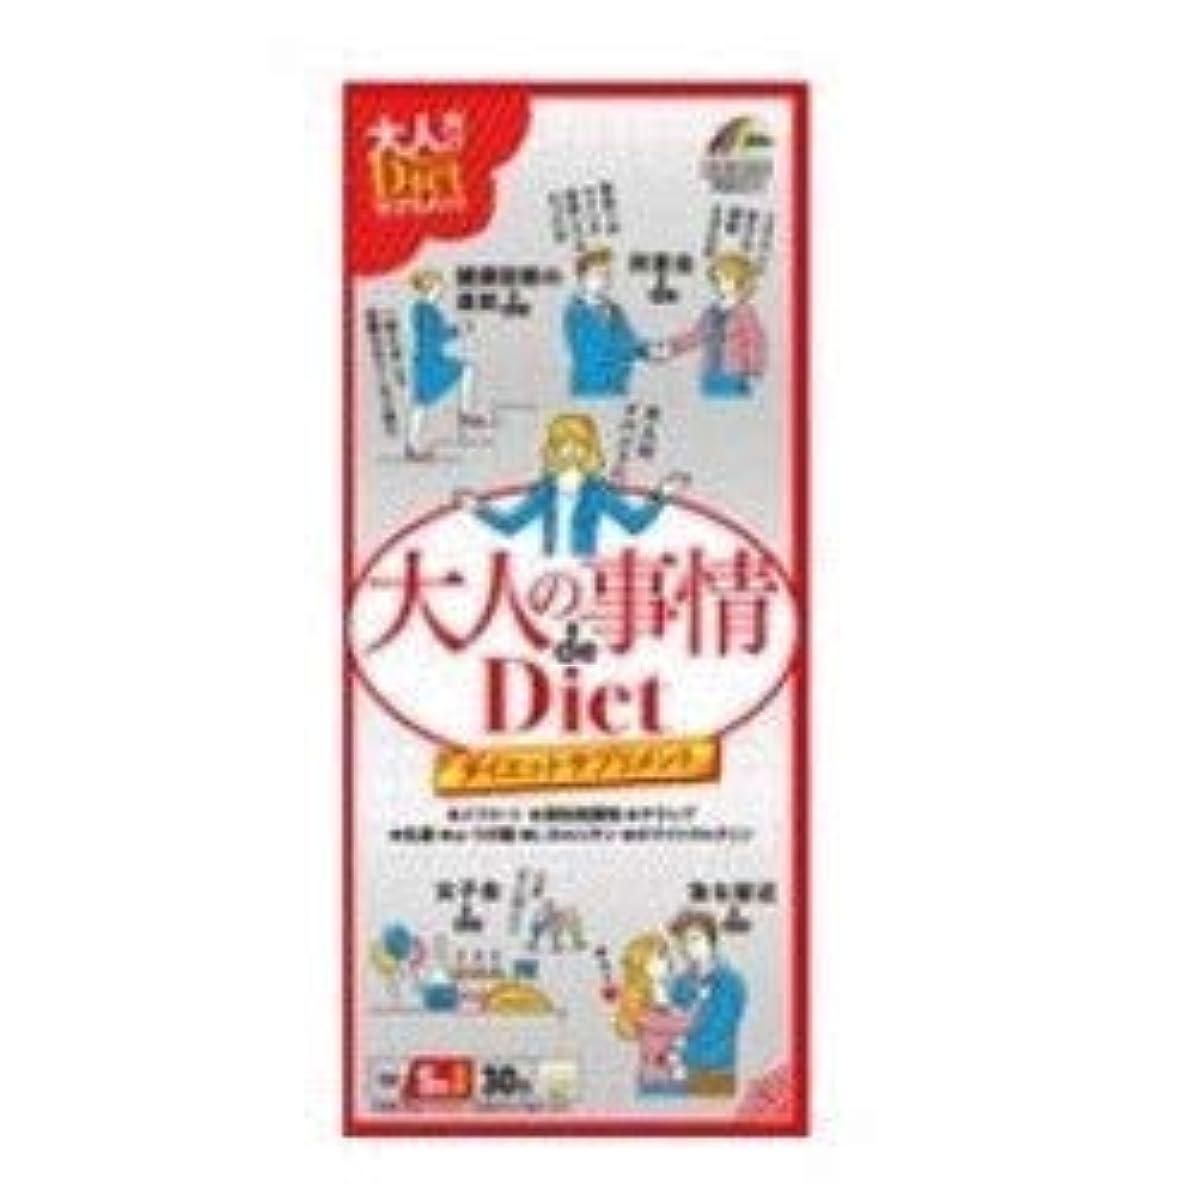 離れた改修ぴかぴか【ユニマットリケン】大人の事情ダイエット 30包×5